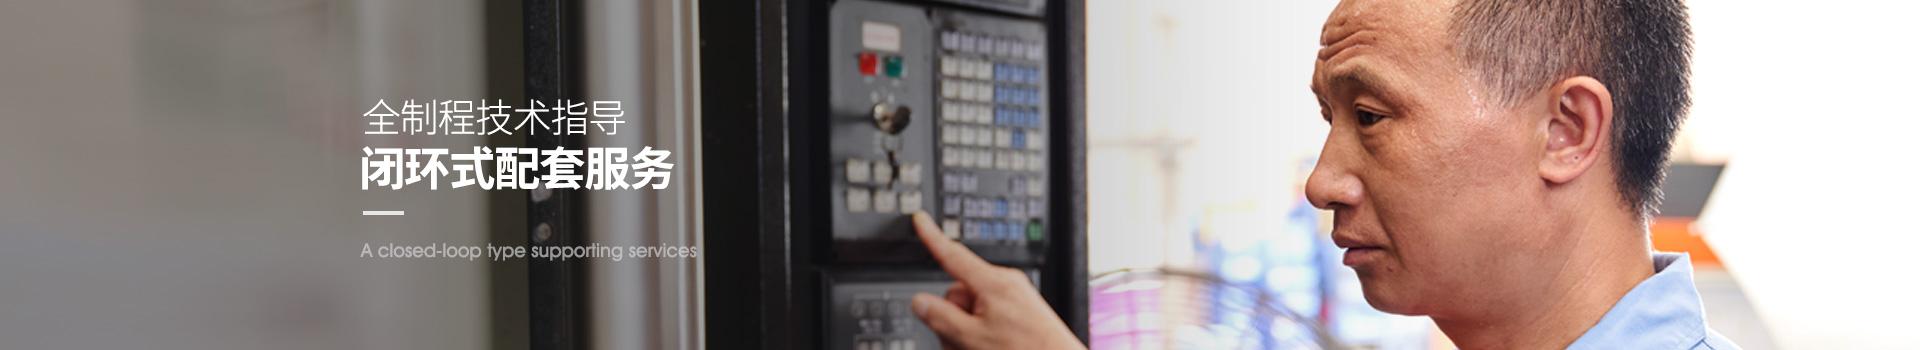 鸿沣机械全程技术指导,闭环式配套服务